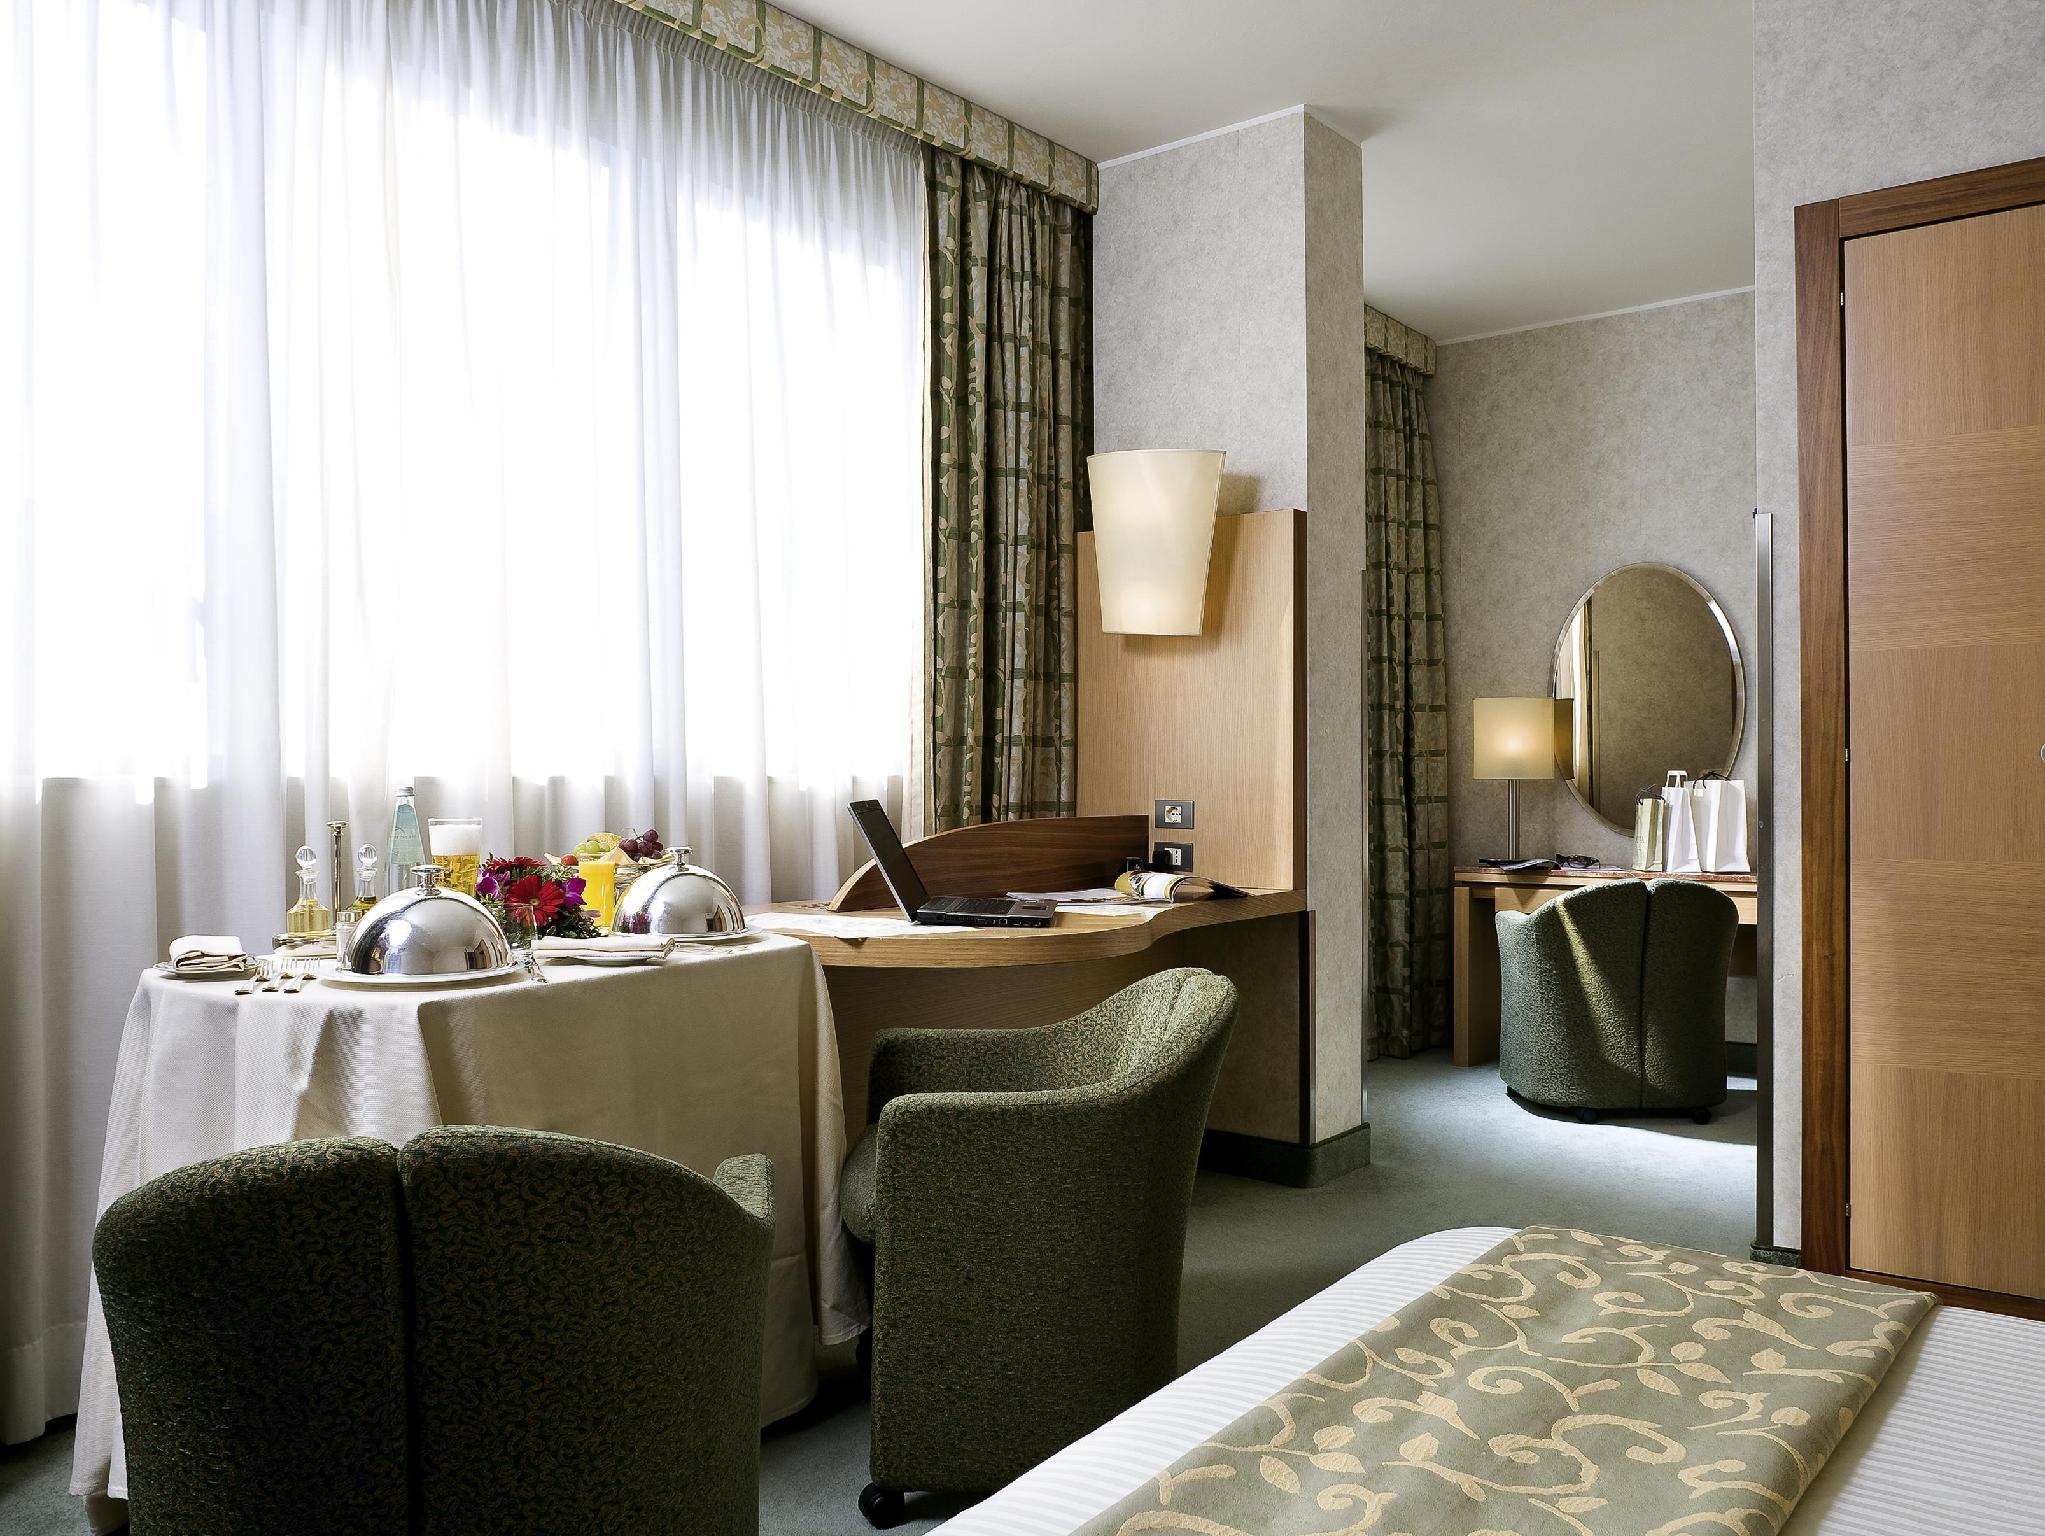 Mercure Hotel Roma Fiumicino